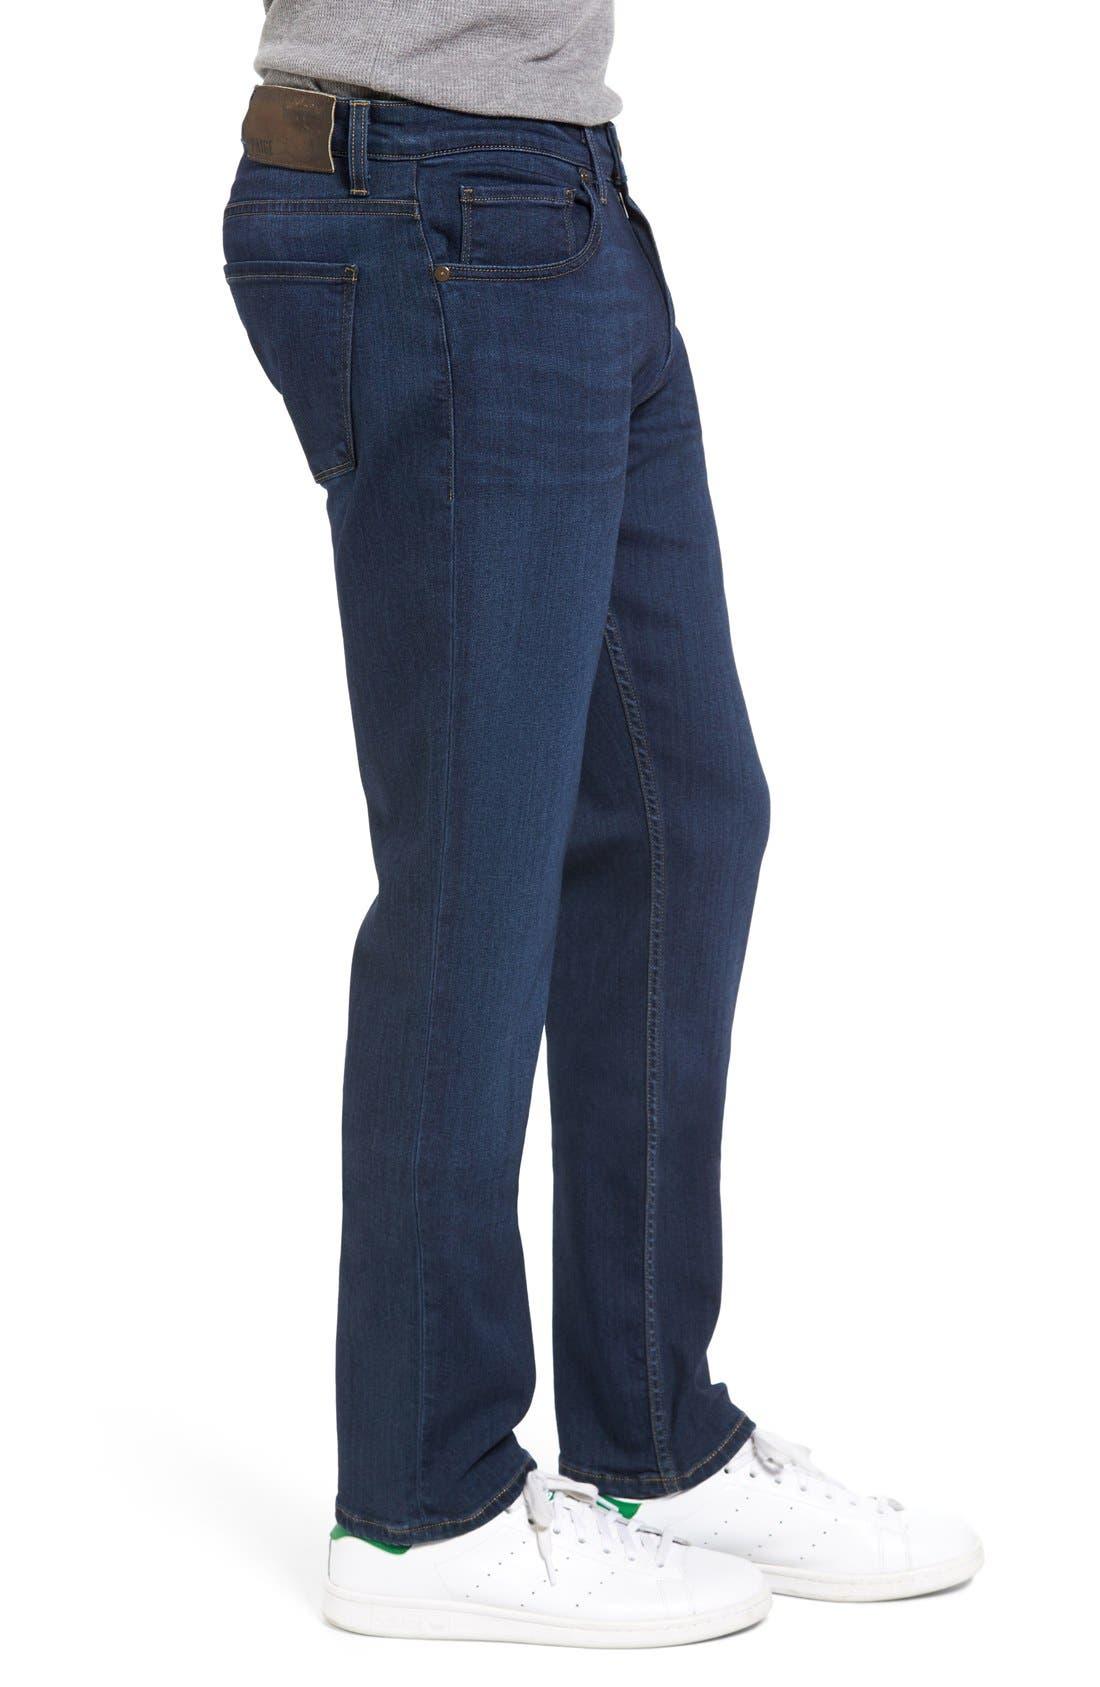 Transcend - Federal Slim Straight Leg Jeans,                             Alternate thumbnail 3, color,                             Scott